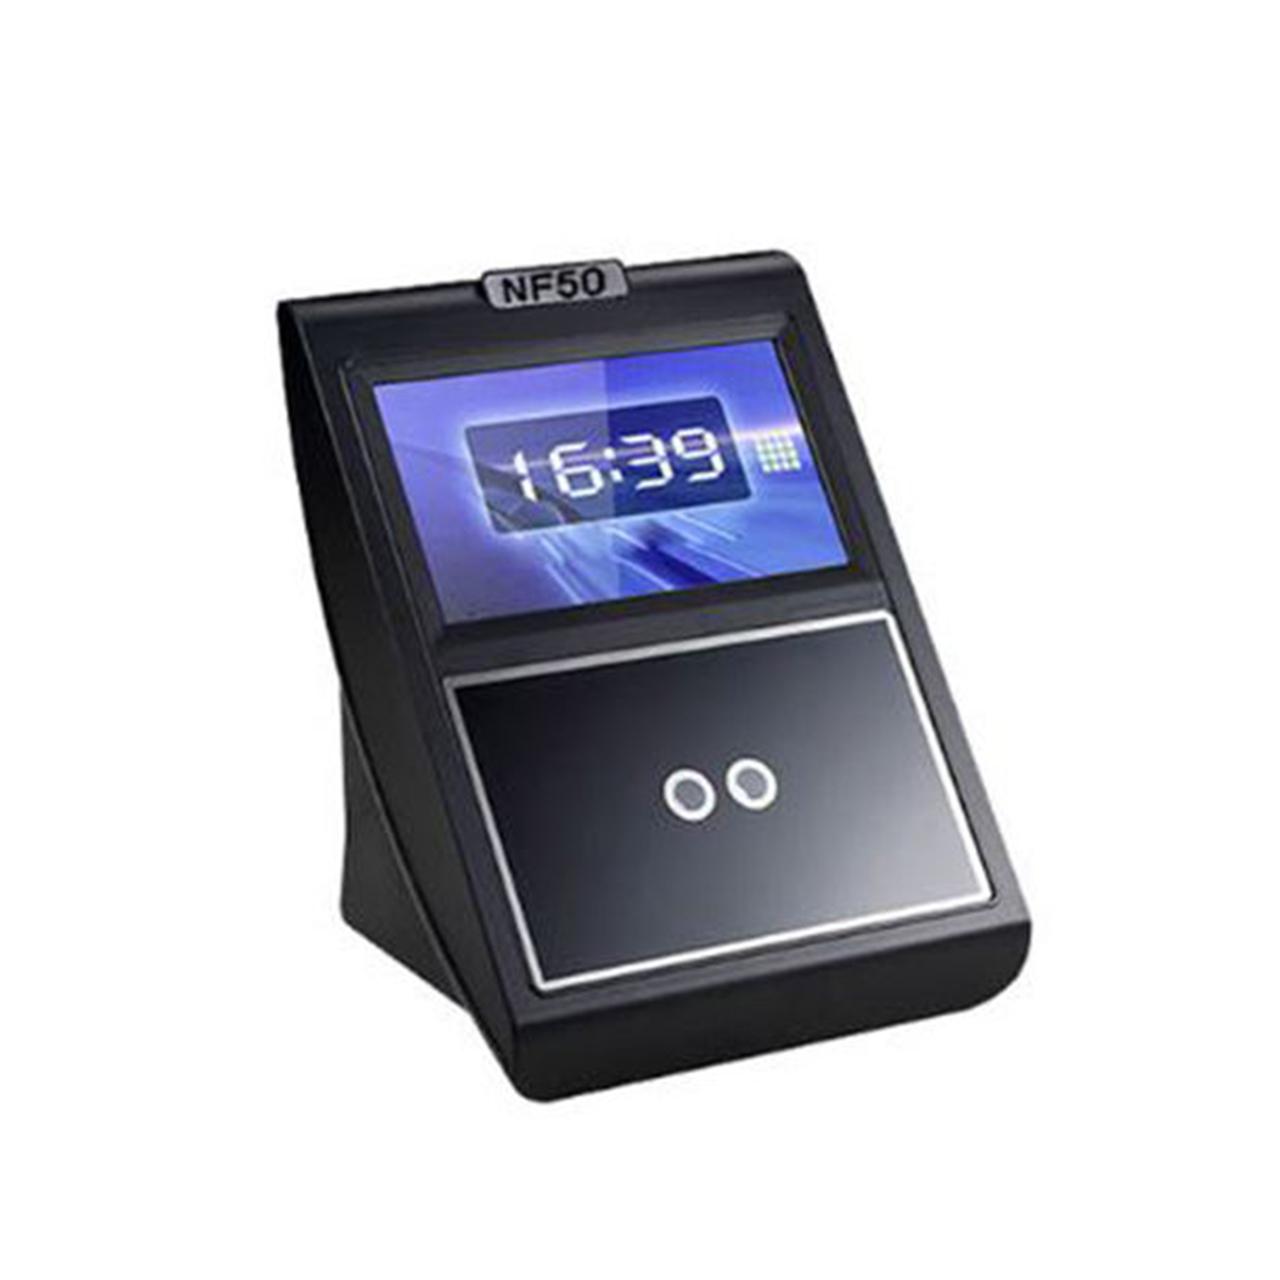 دستگاه حضور غیاب زد کی تی اکو مدل NF50  همراه با 10 عدد کارت RFID